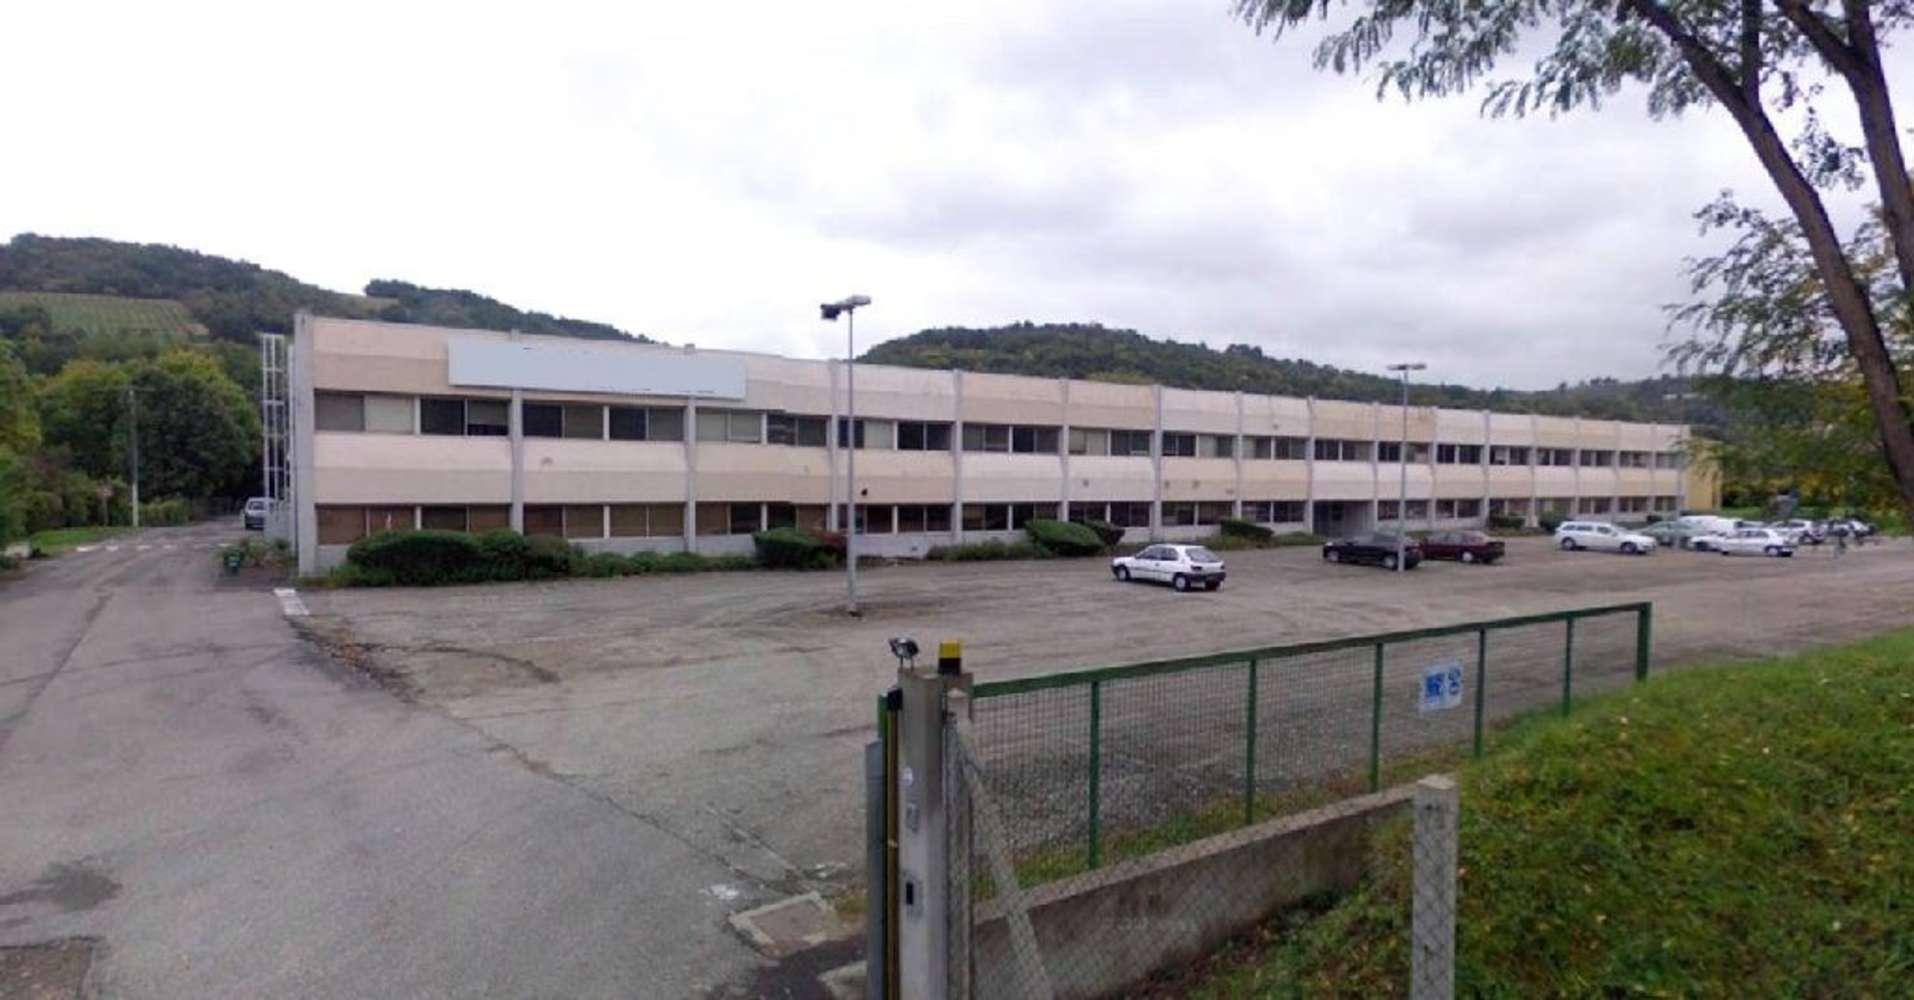 Activités/entrepôt St romain en gier, 69700 - Entrepot à vendre Lyon Ouest - Rhône - 9480293